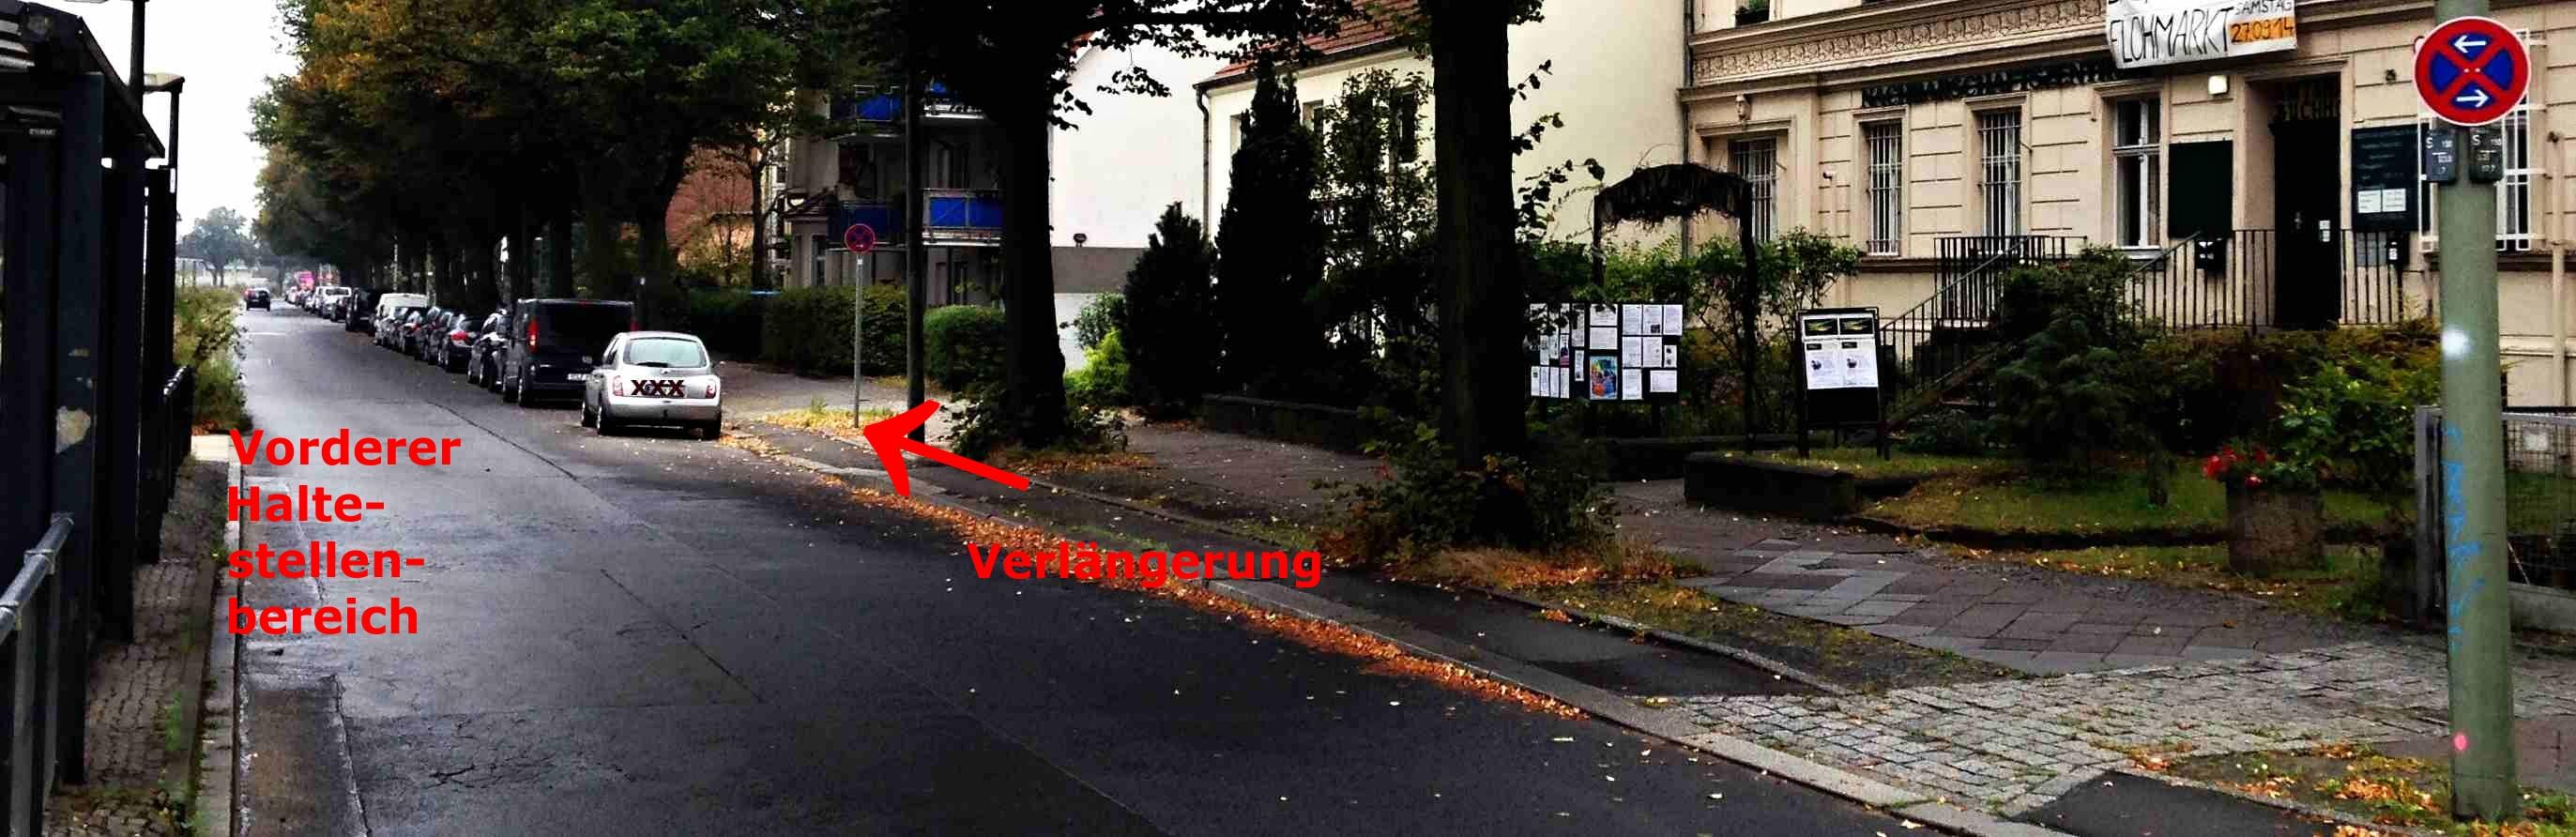 Blick auf den vorderen Haltestellenbereich in Richtung rote Schule mit der verlängerten Halteverbotsstrecke